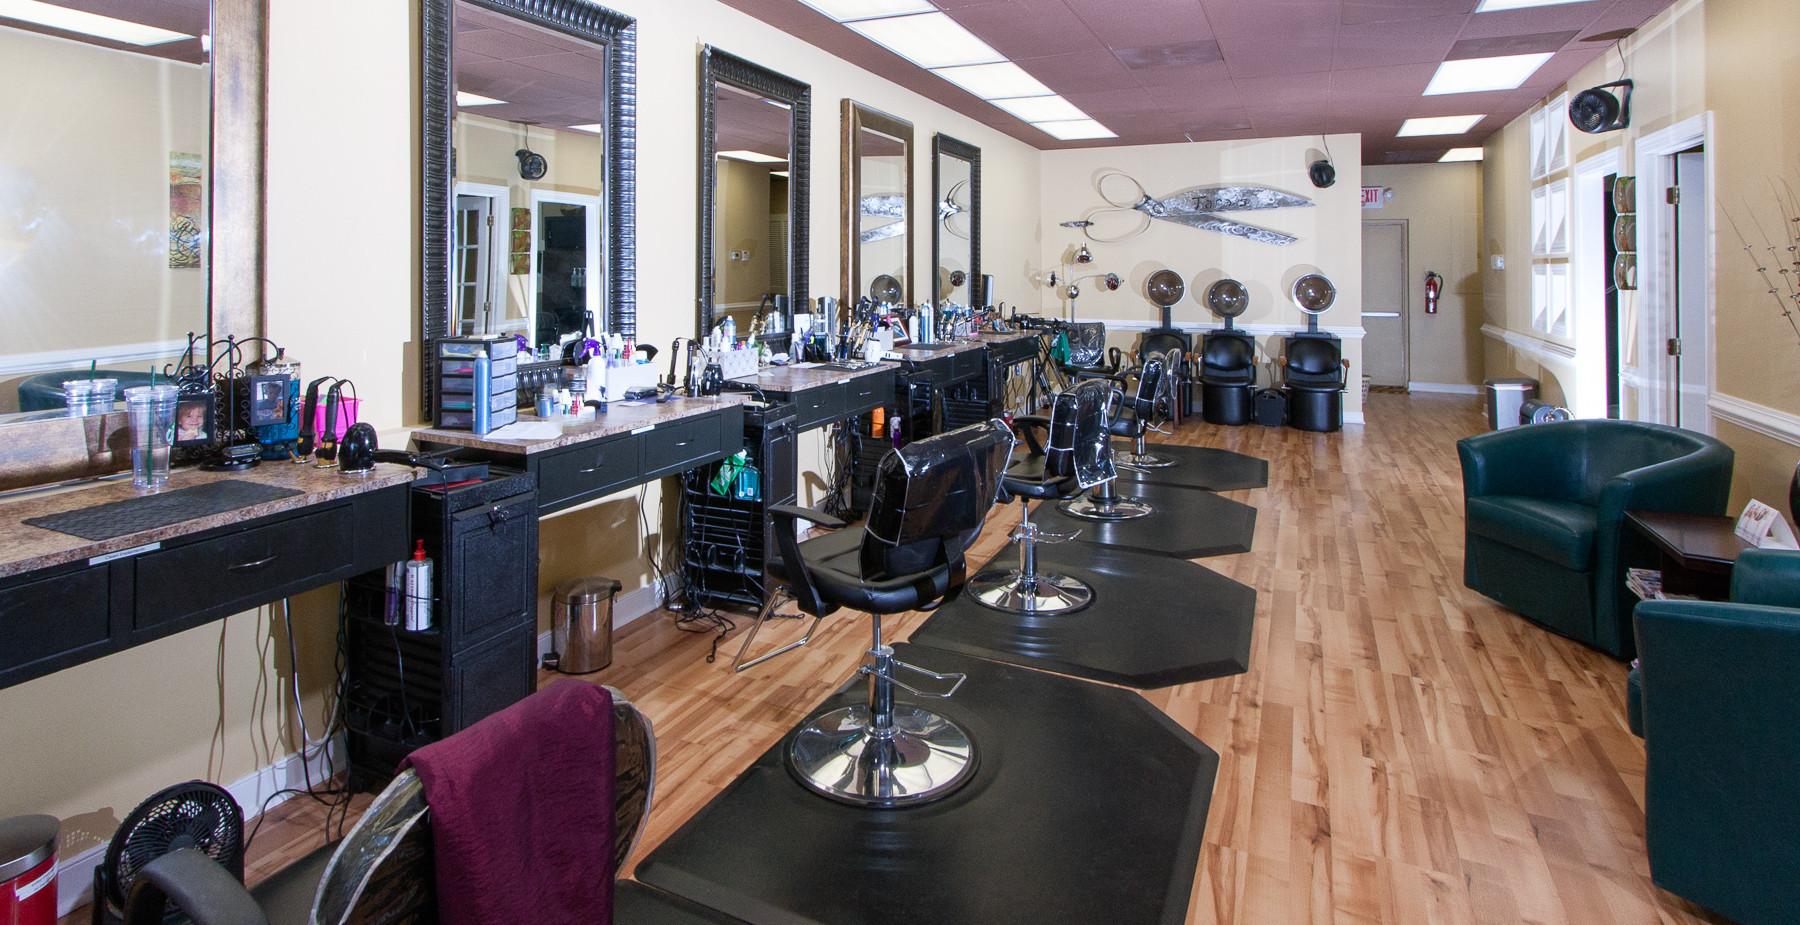 Bluffton Hair Stylist, Hair Salon Bluffton, Salon Bluffton, Hilton Head Hair Salon, Hilton Head Hair Stylist, Salon Hilton Head